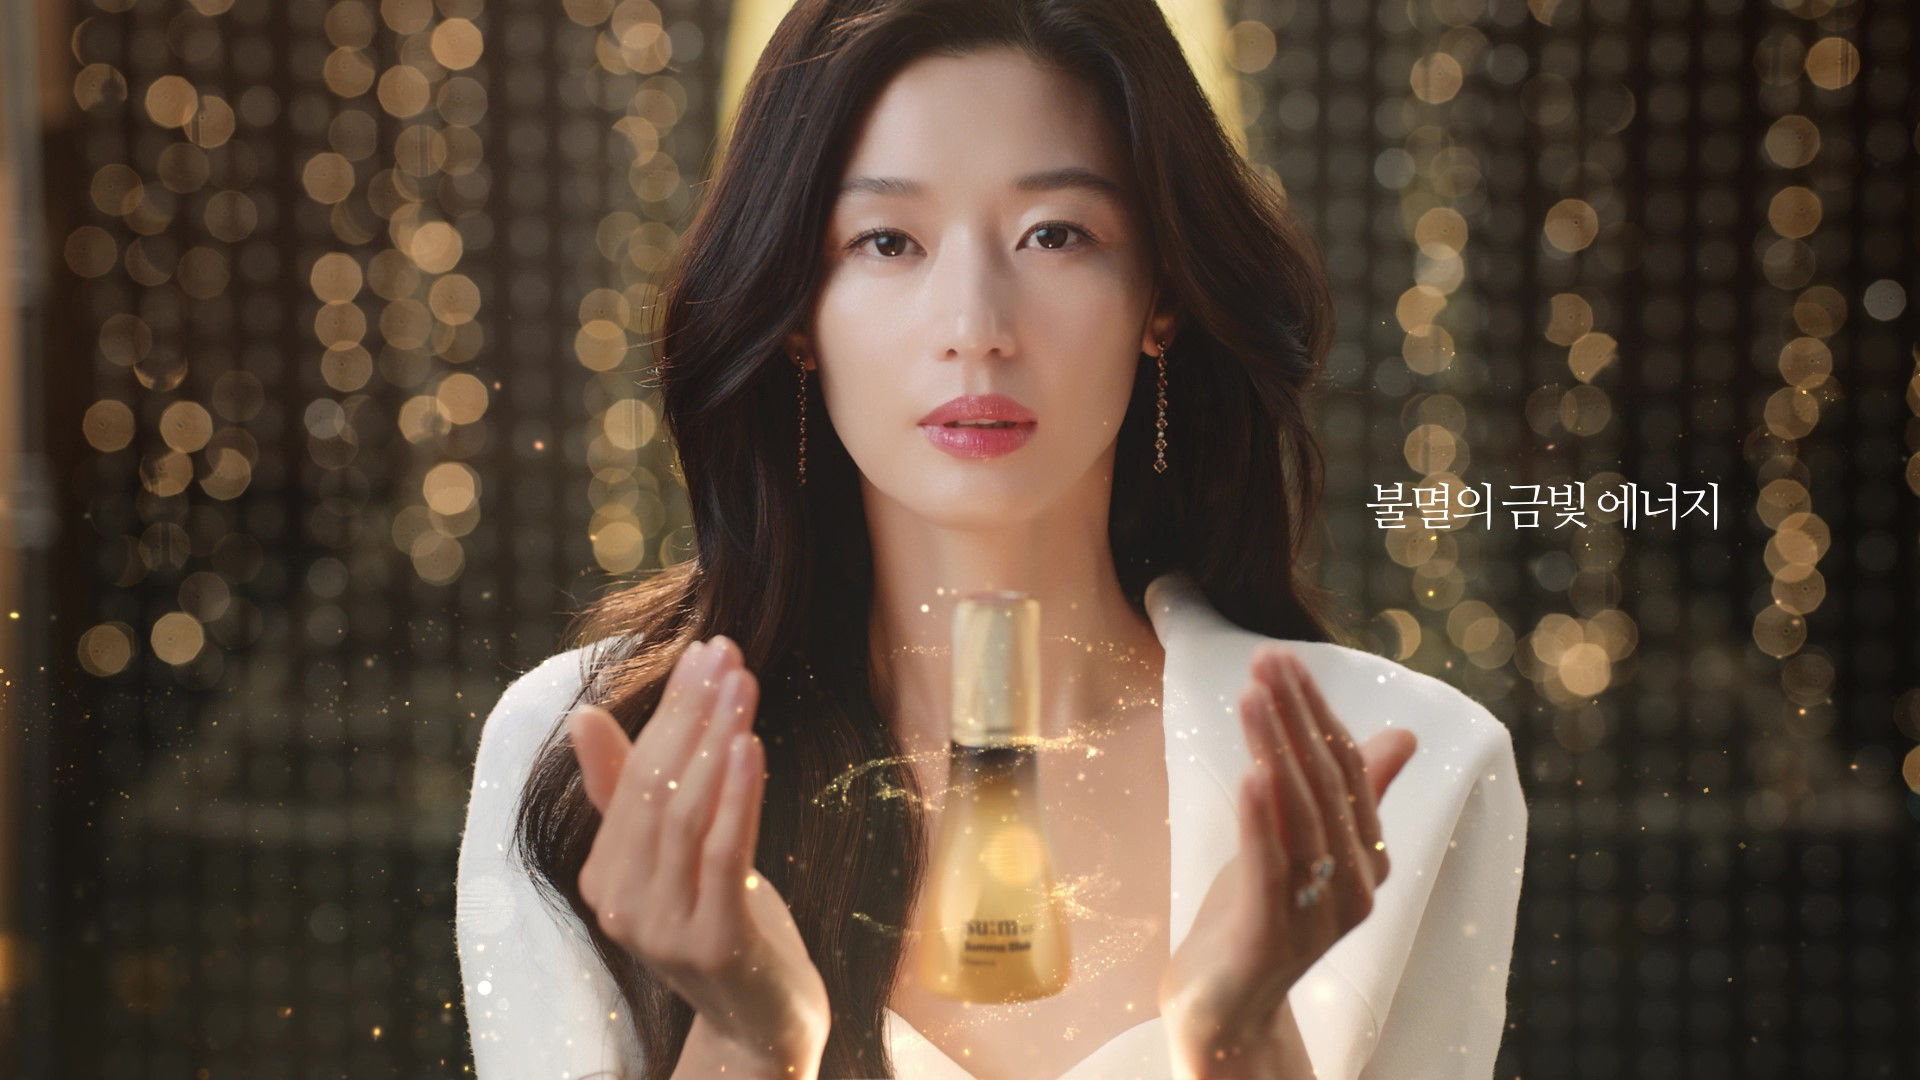 '불멸의 금빛에너지' 캠페인